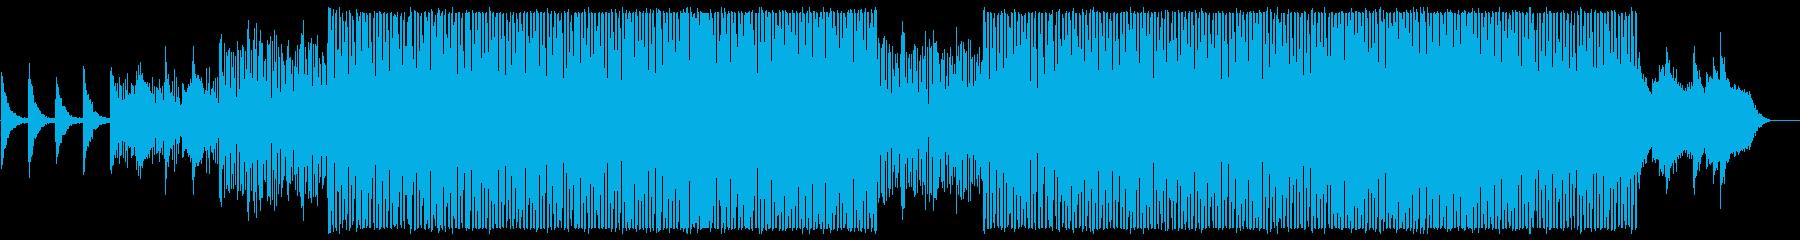 エレピとアナログシンセのテクノの再生済みの波形